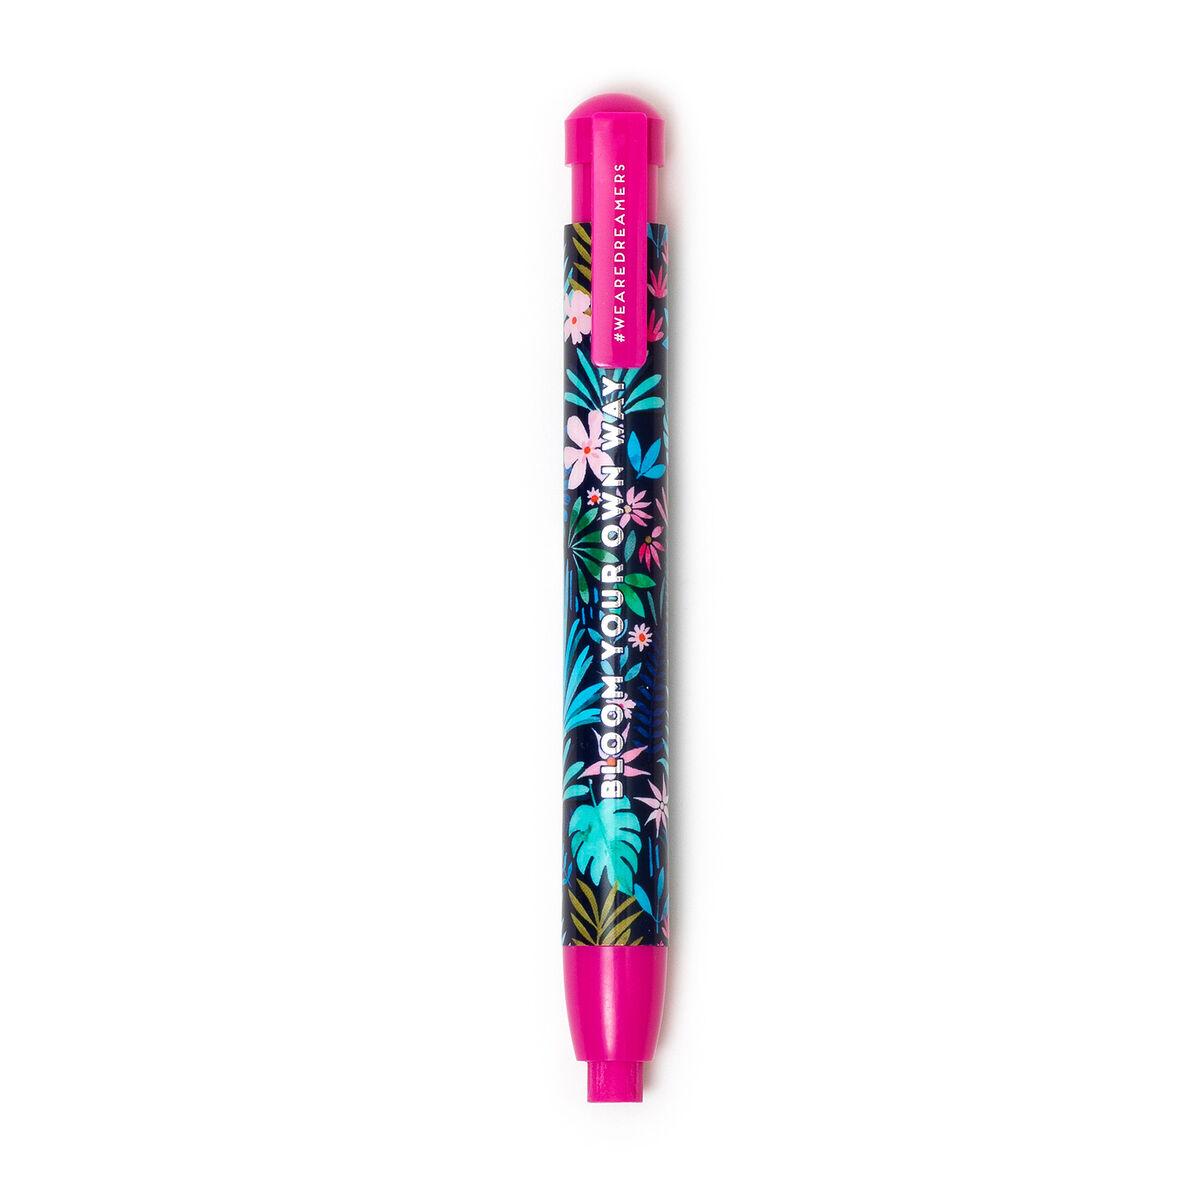 Eraser pen - Oops!, , zoo